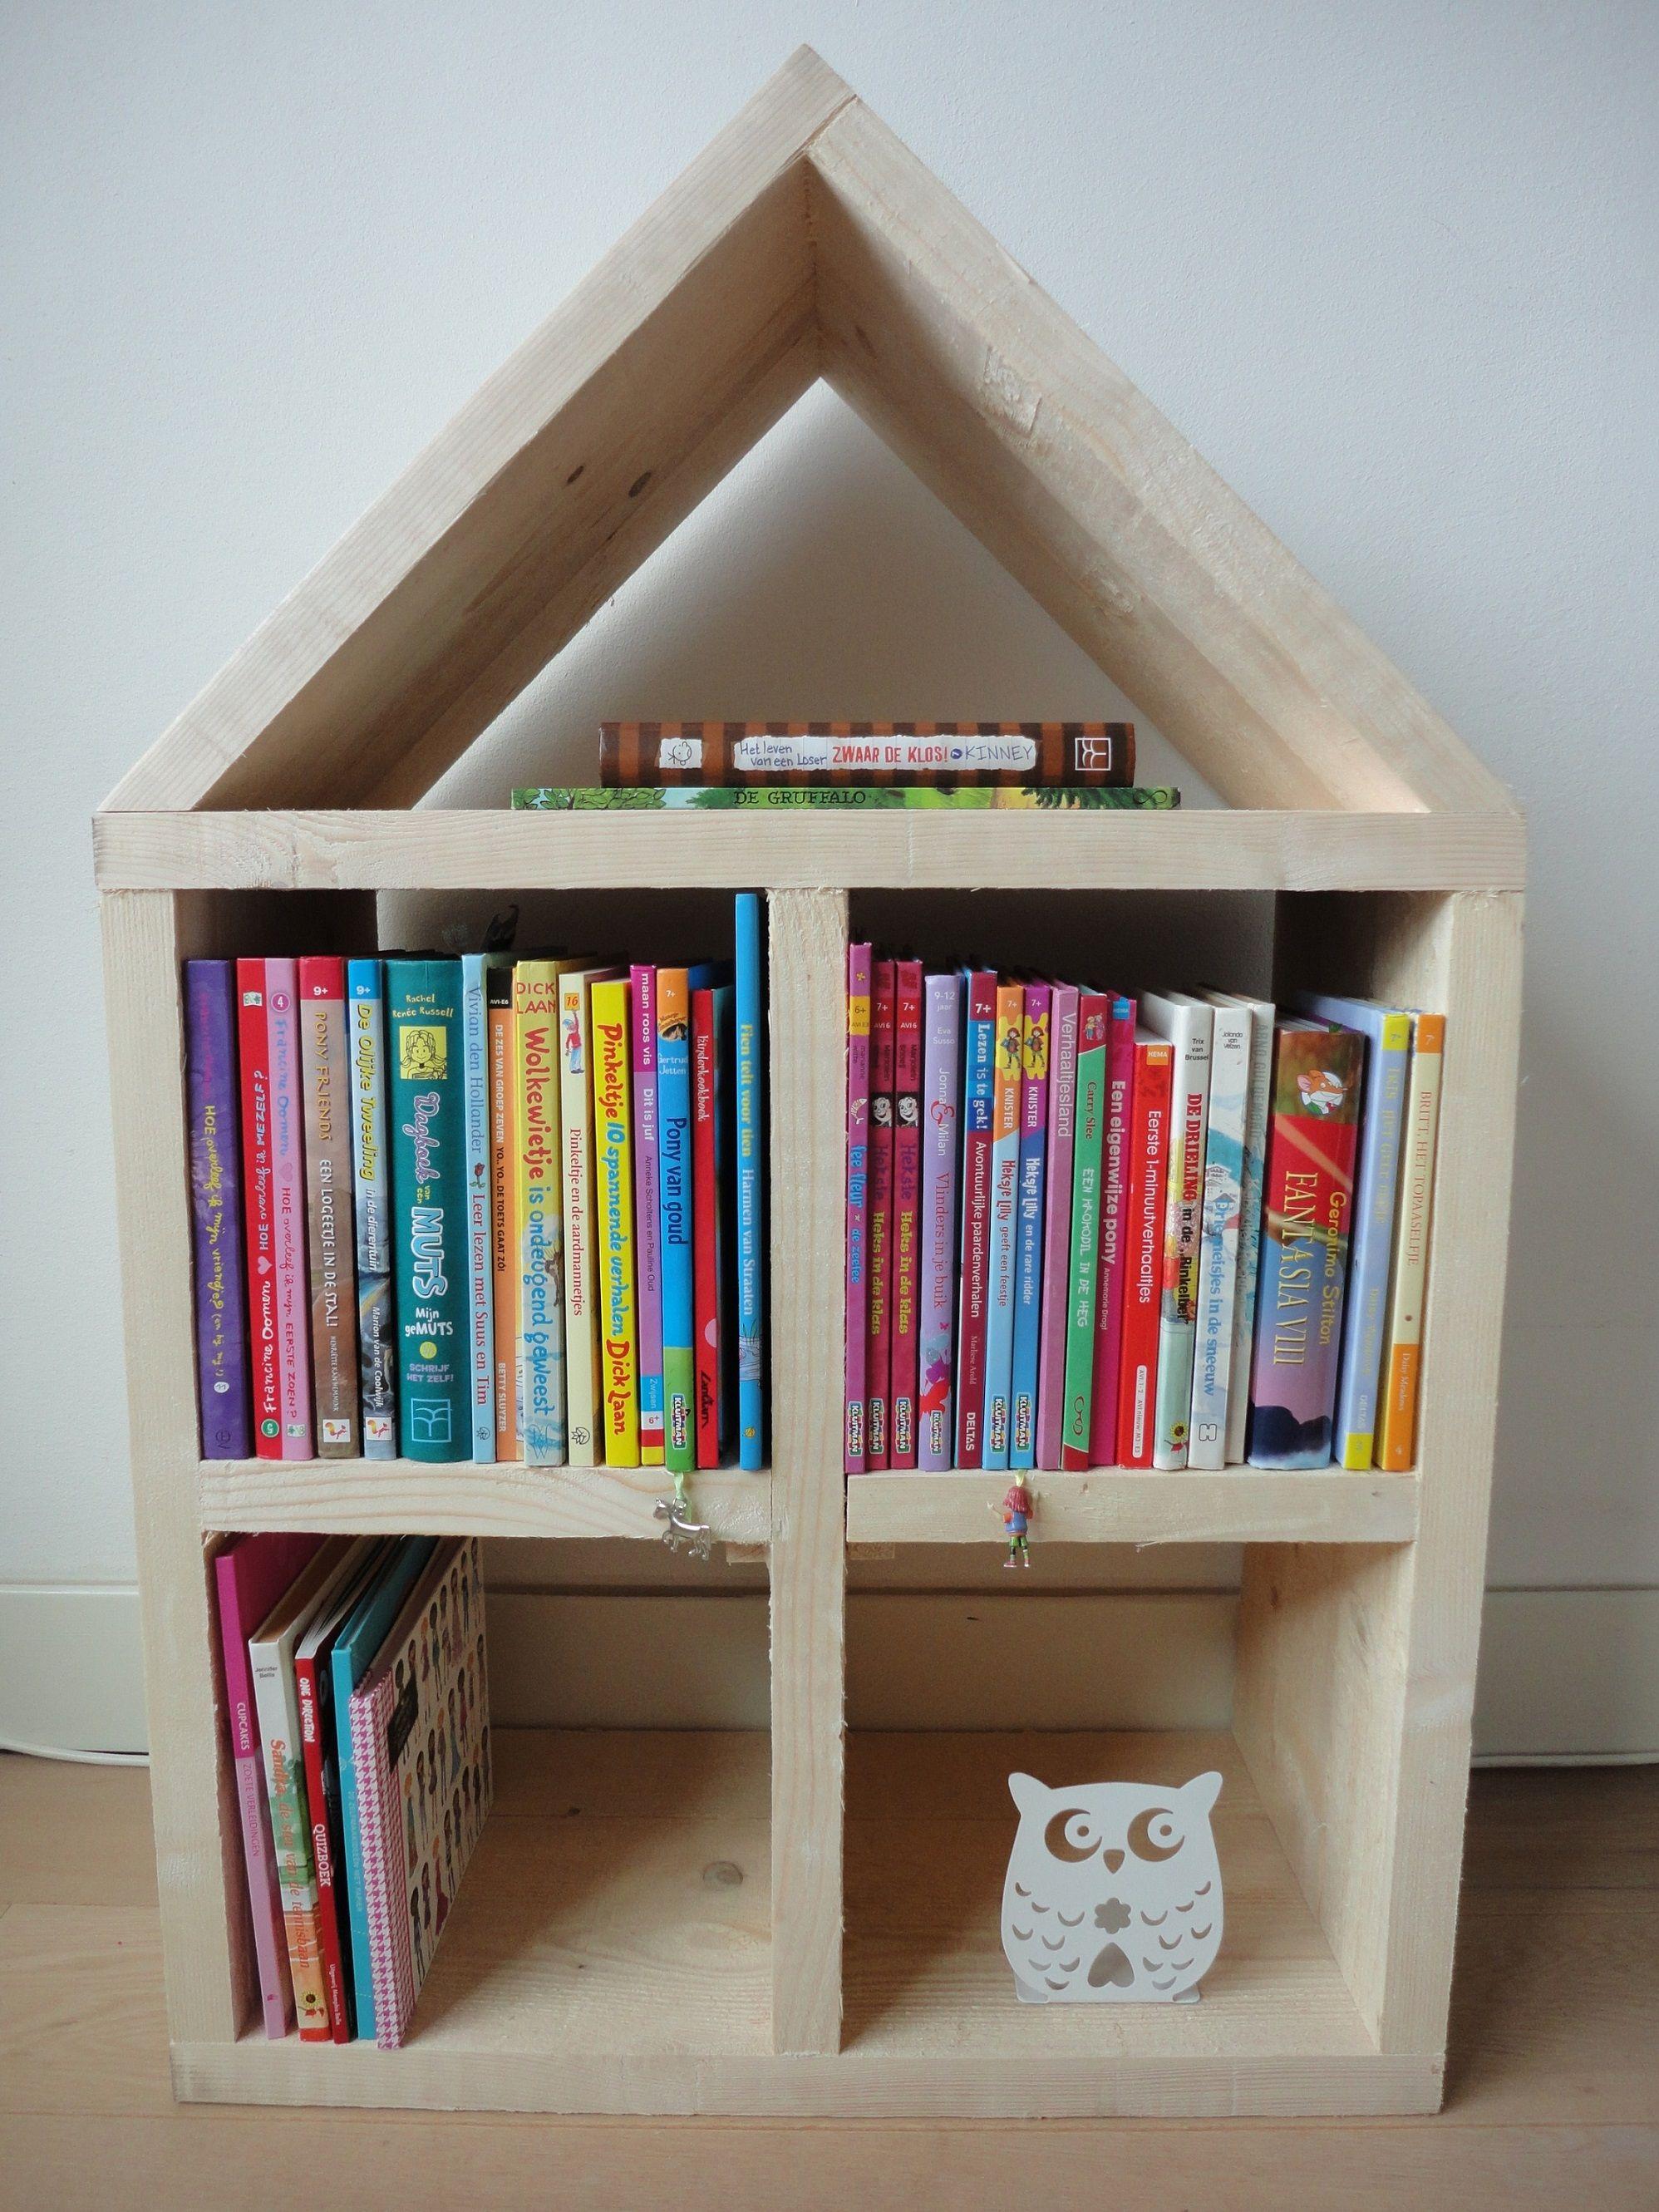 Origineel huis gemaakt van steigerhout te gebruiken als boekenkast poppenhuis letterbak - Huis origineel huis ...